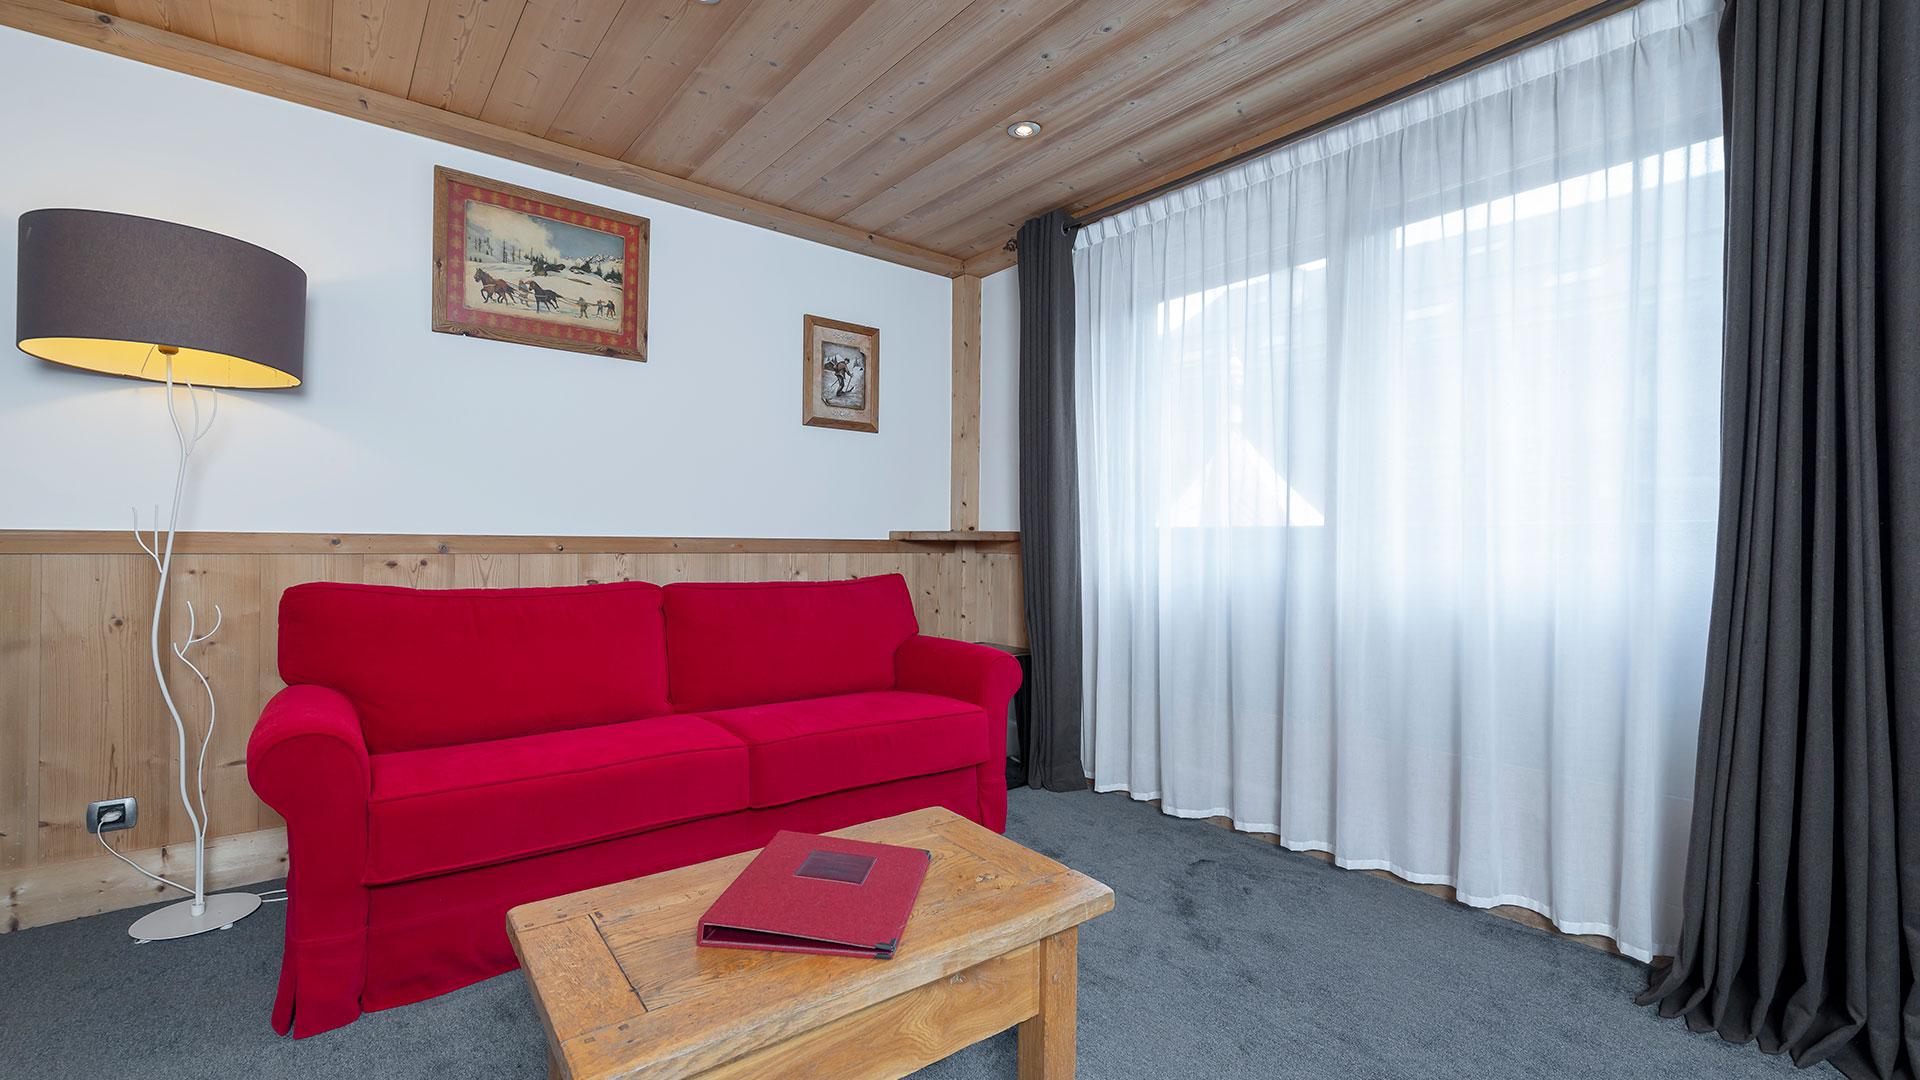 Salon lumineux hotel de charme auvergne rhone alpes